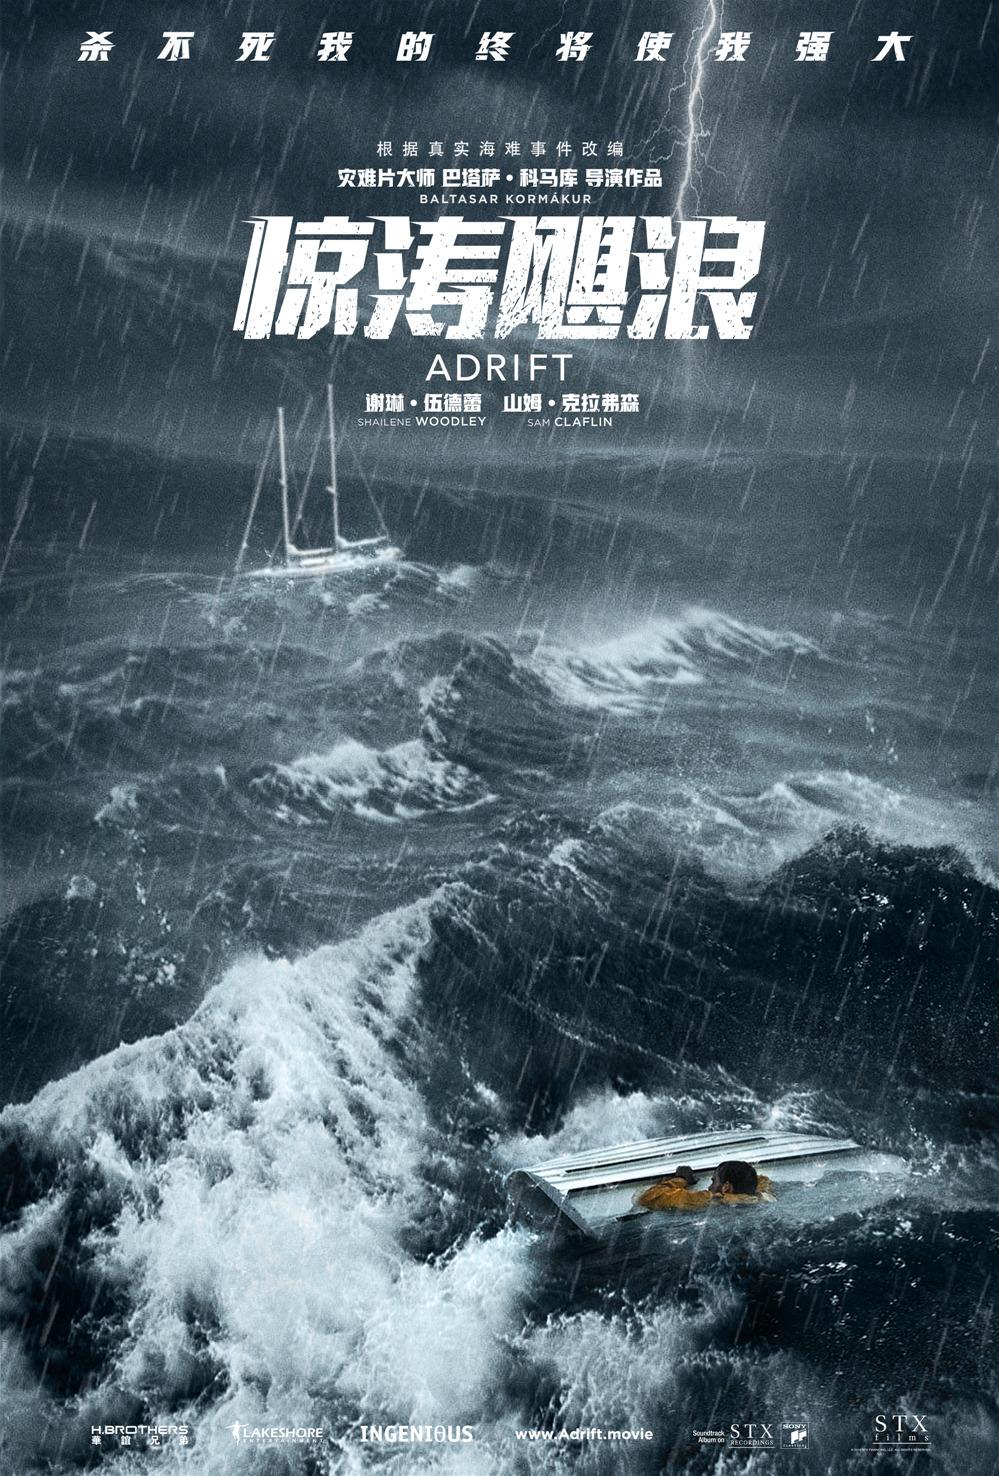 Adrift Teaser Trailer